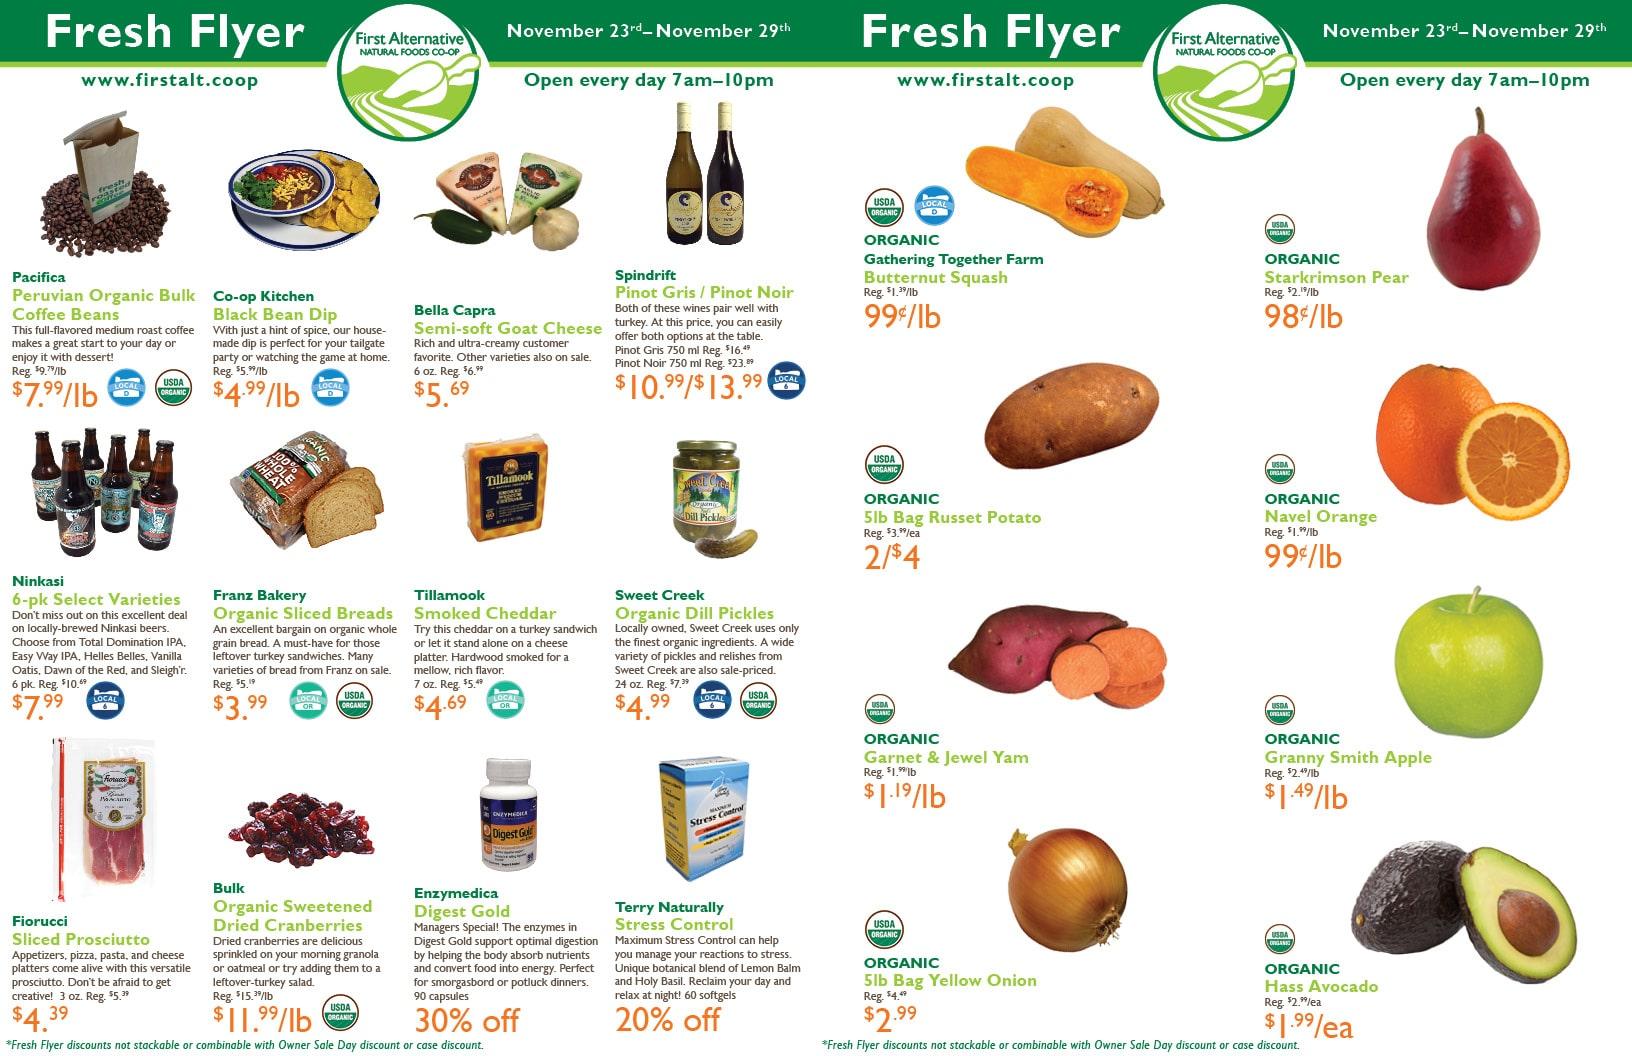 First Alternative Co-op Fresh Flyer November 23-29